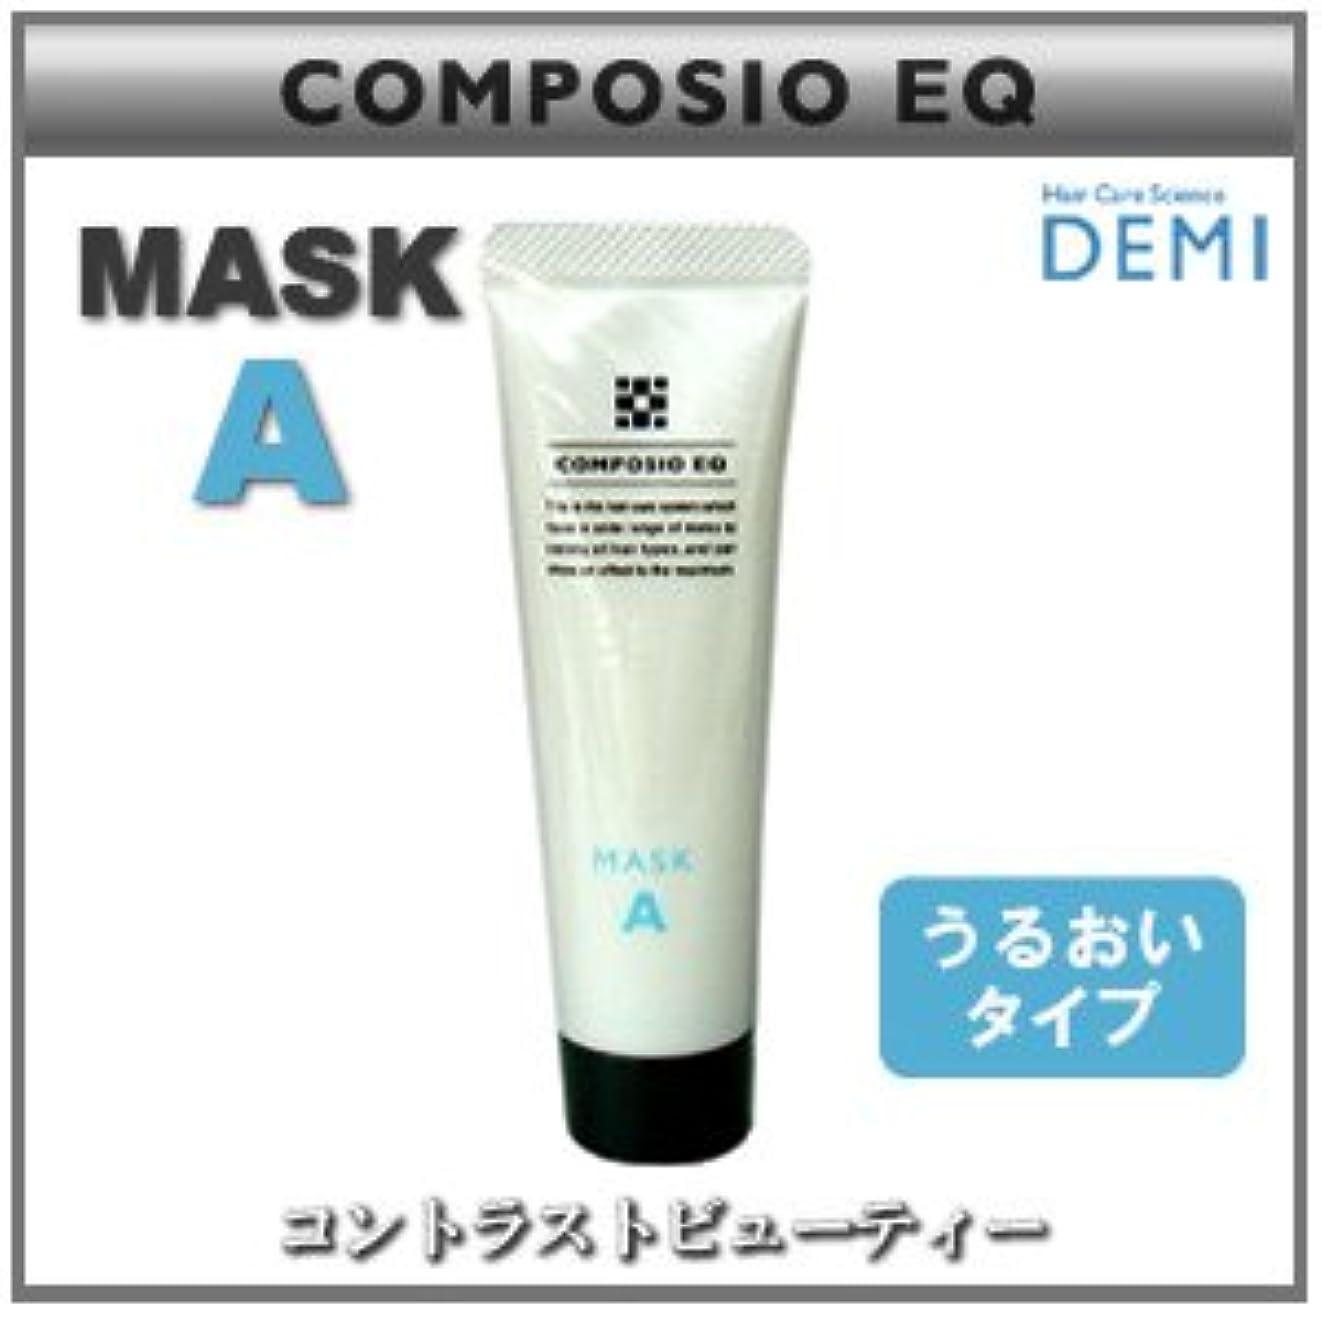 あさり肉屋水没【X5個セット】 デミ コンポジオ EQ マスク A 50g